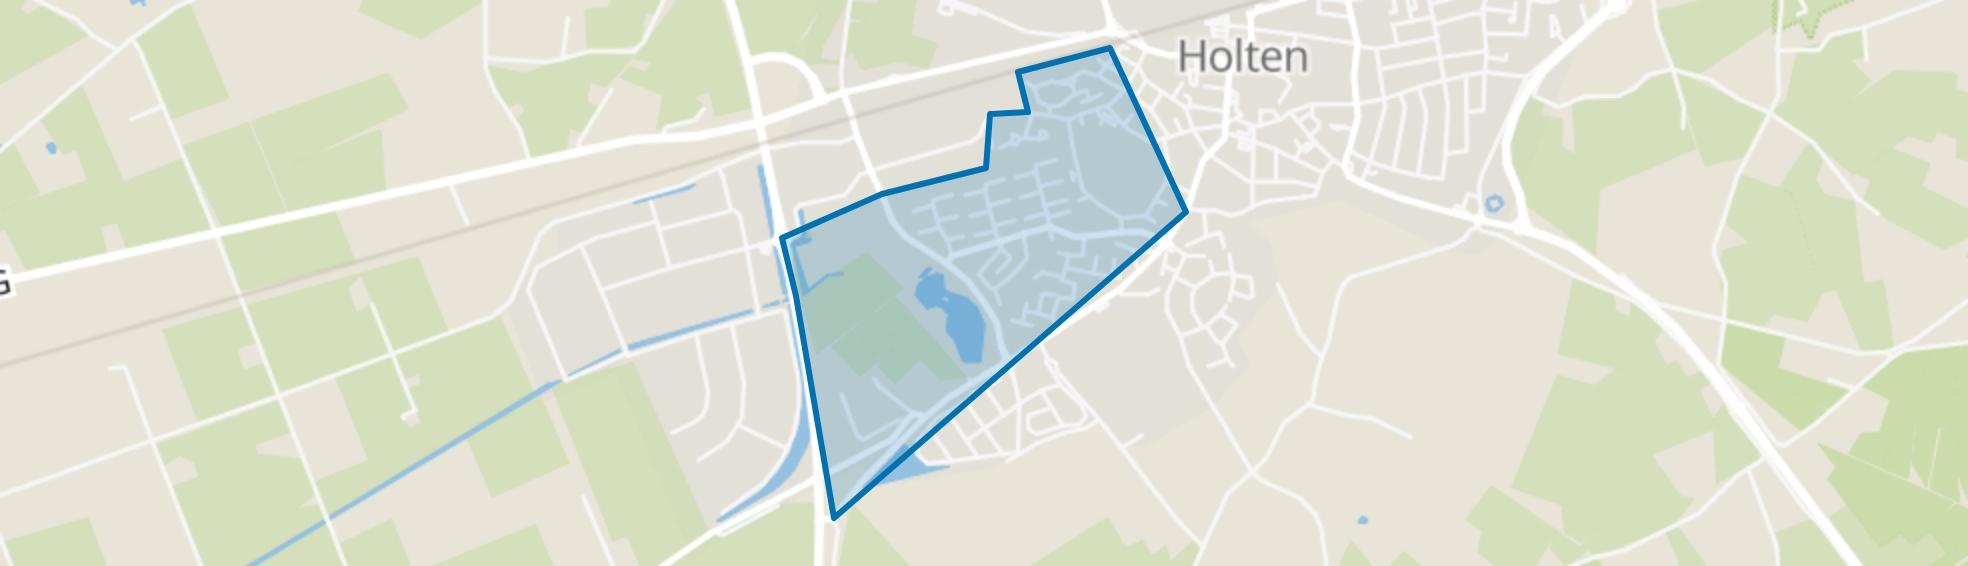 Holten-De Haar, Holten map